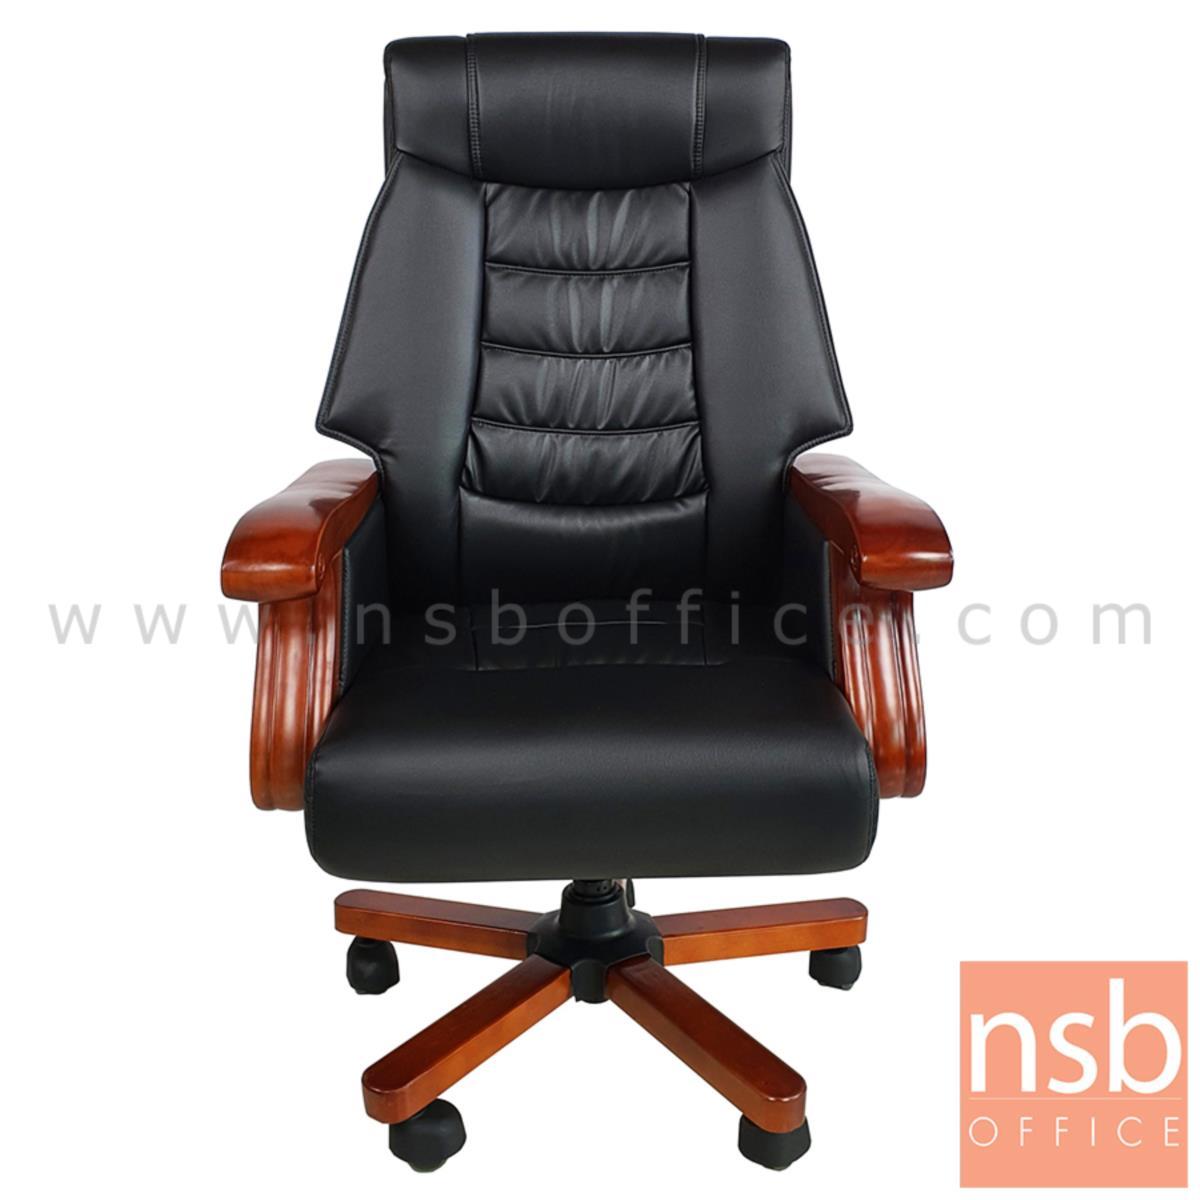 เก้าอี้ผู้บริหารหนังเทียม รุ่น Hove (โฮฟ)  โช๊คแก๊ส ขาไม้